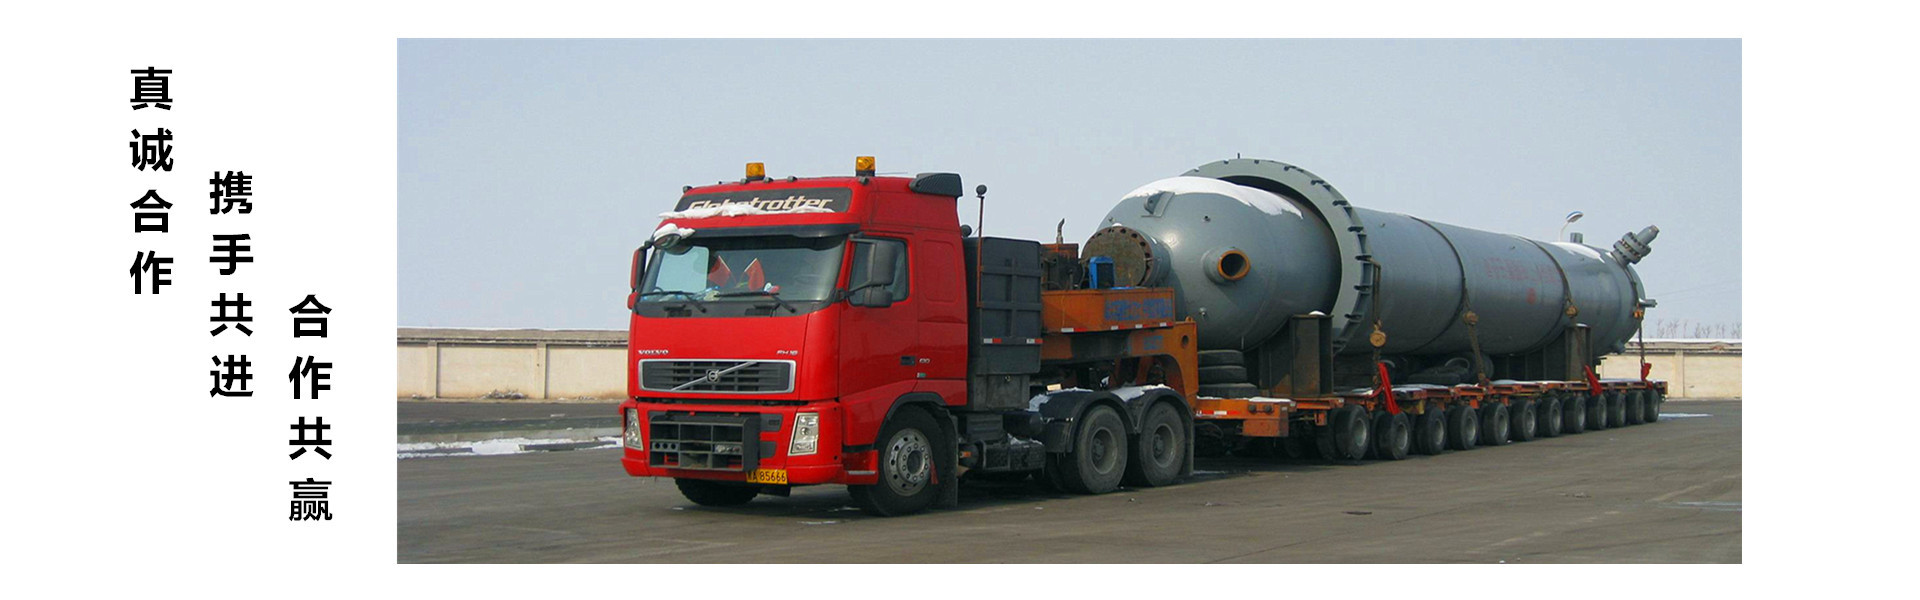 西安大件設備運輸公司